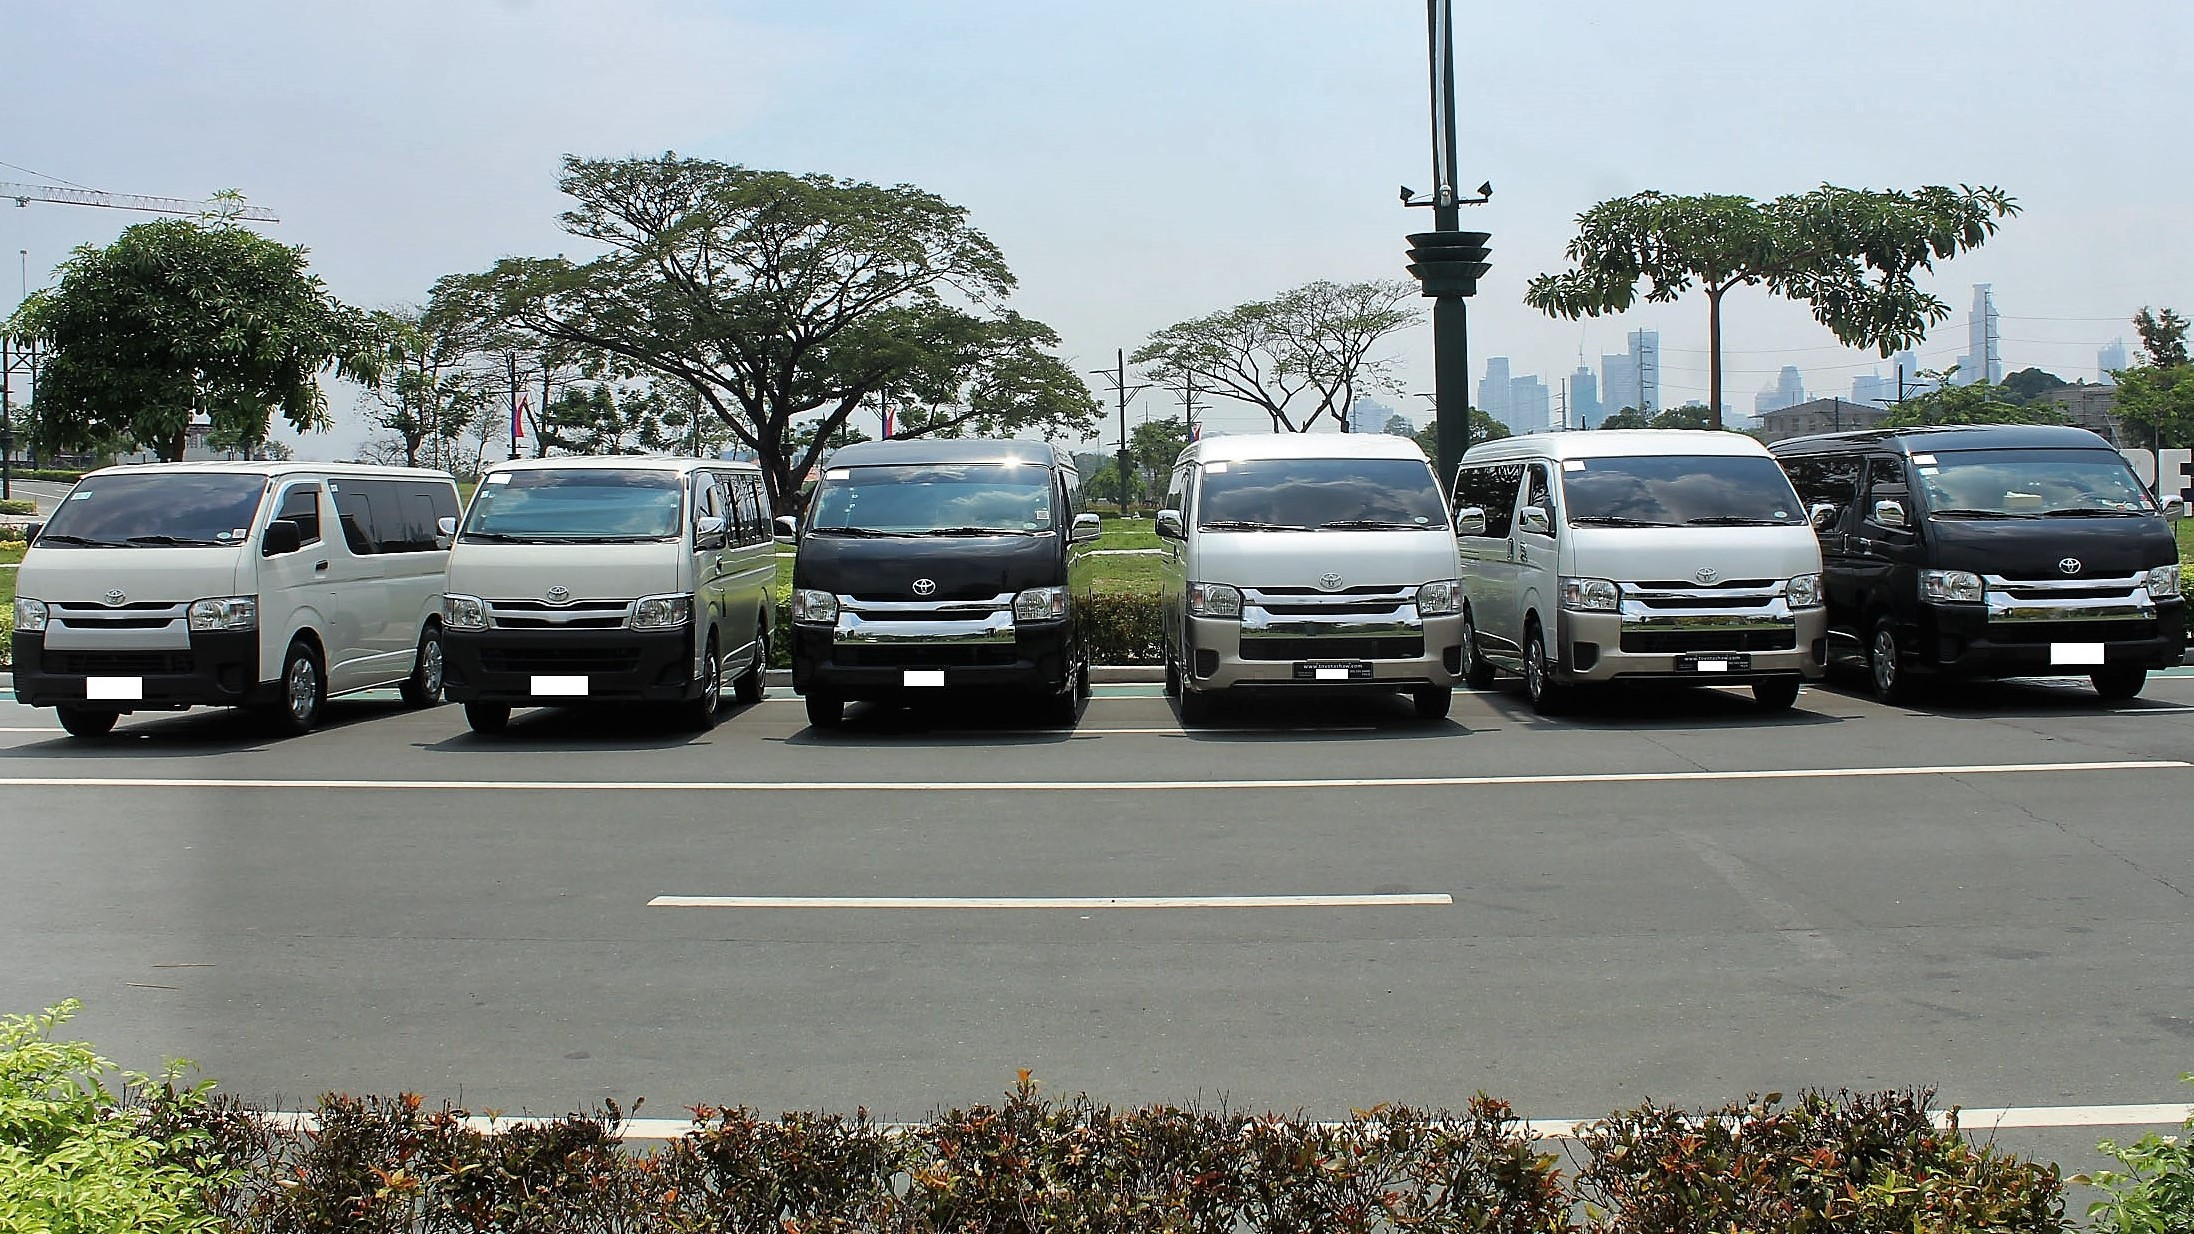 Van for rent, Van for hire, Van rental, Rent a van